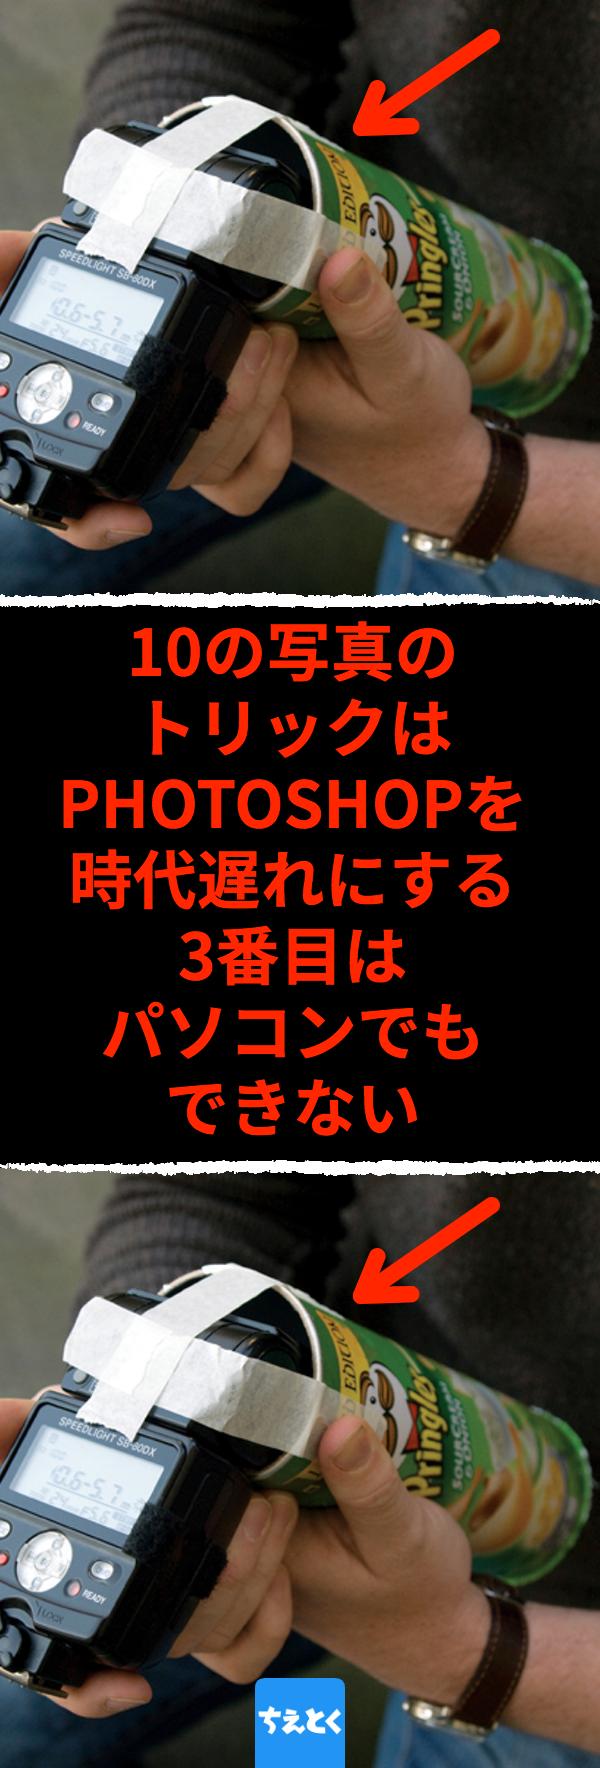 10の写真のトリックはPhotoshopを時代遅れにする。3番目はパソコンでもできない。 オシャレな写真を撮るフォトテクニックの裏ワザ10選 #オシャレ #写真 #コツ #フォトテクニック #スマホ #撮影 #人物 #裏ワザ